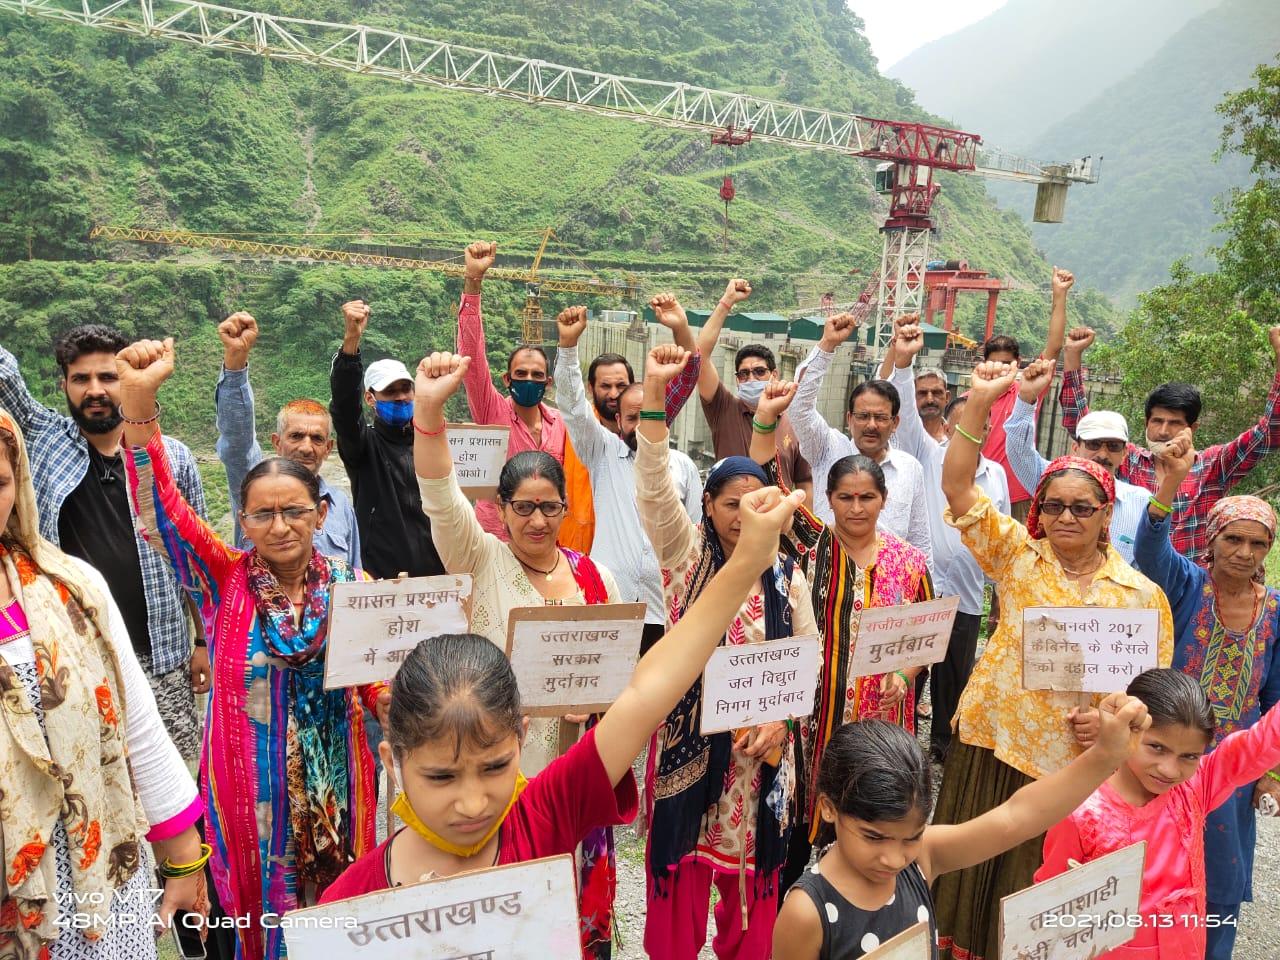 उत्तराखंड : लोहारी के काश्तकारों का धरना प्रदर्शन आज लगातार 74वें दिन भी जारी रहा